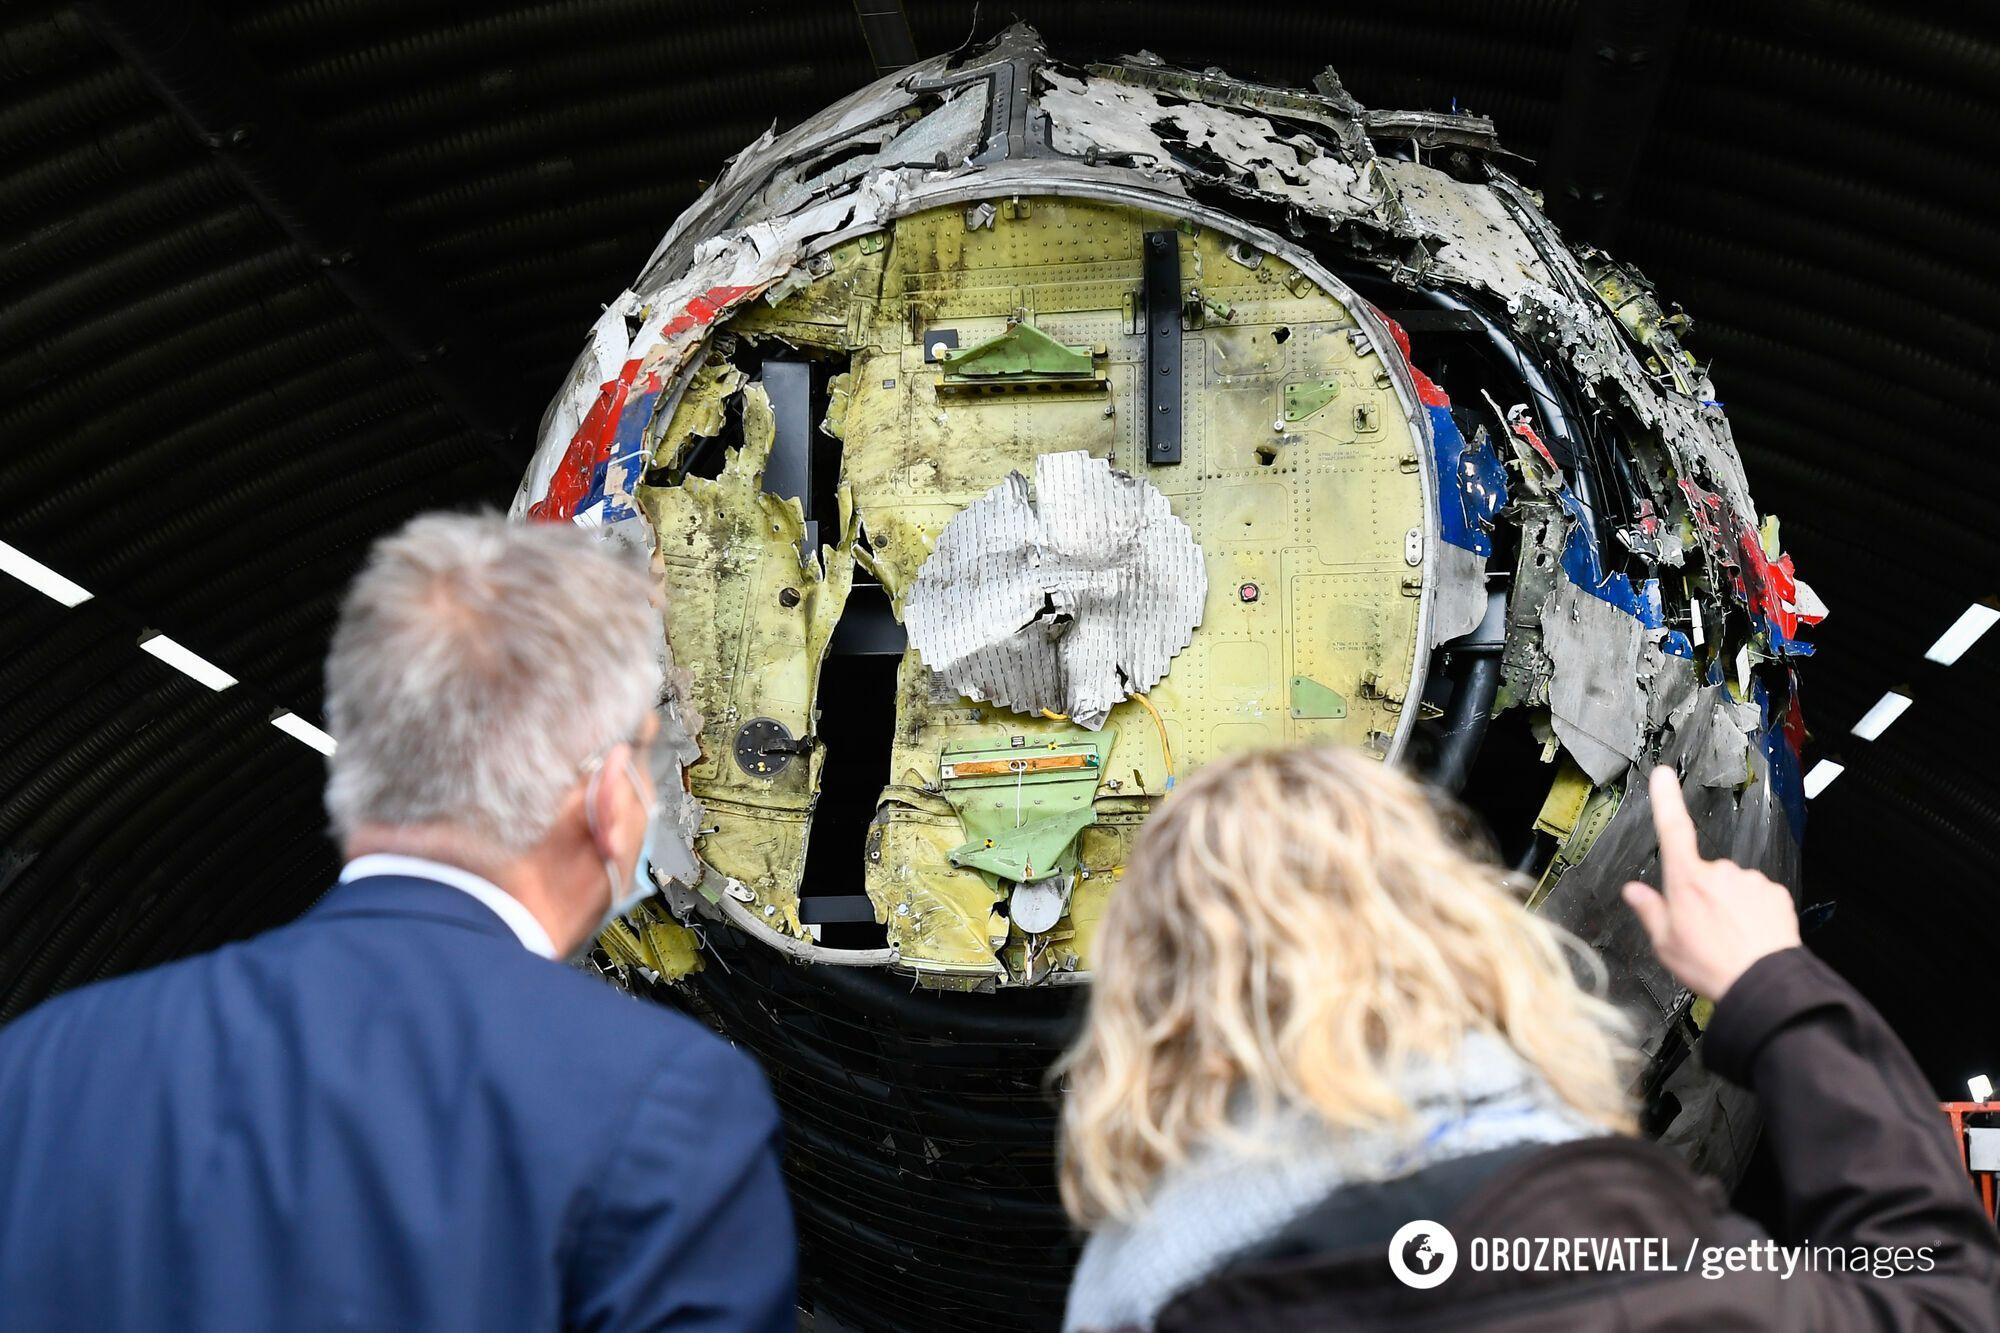 Розслідування катастрофи рейса МН17